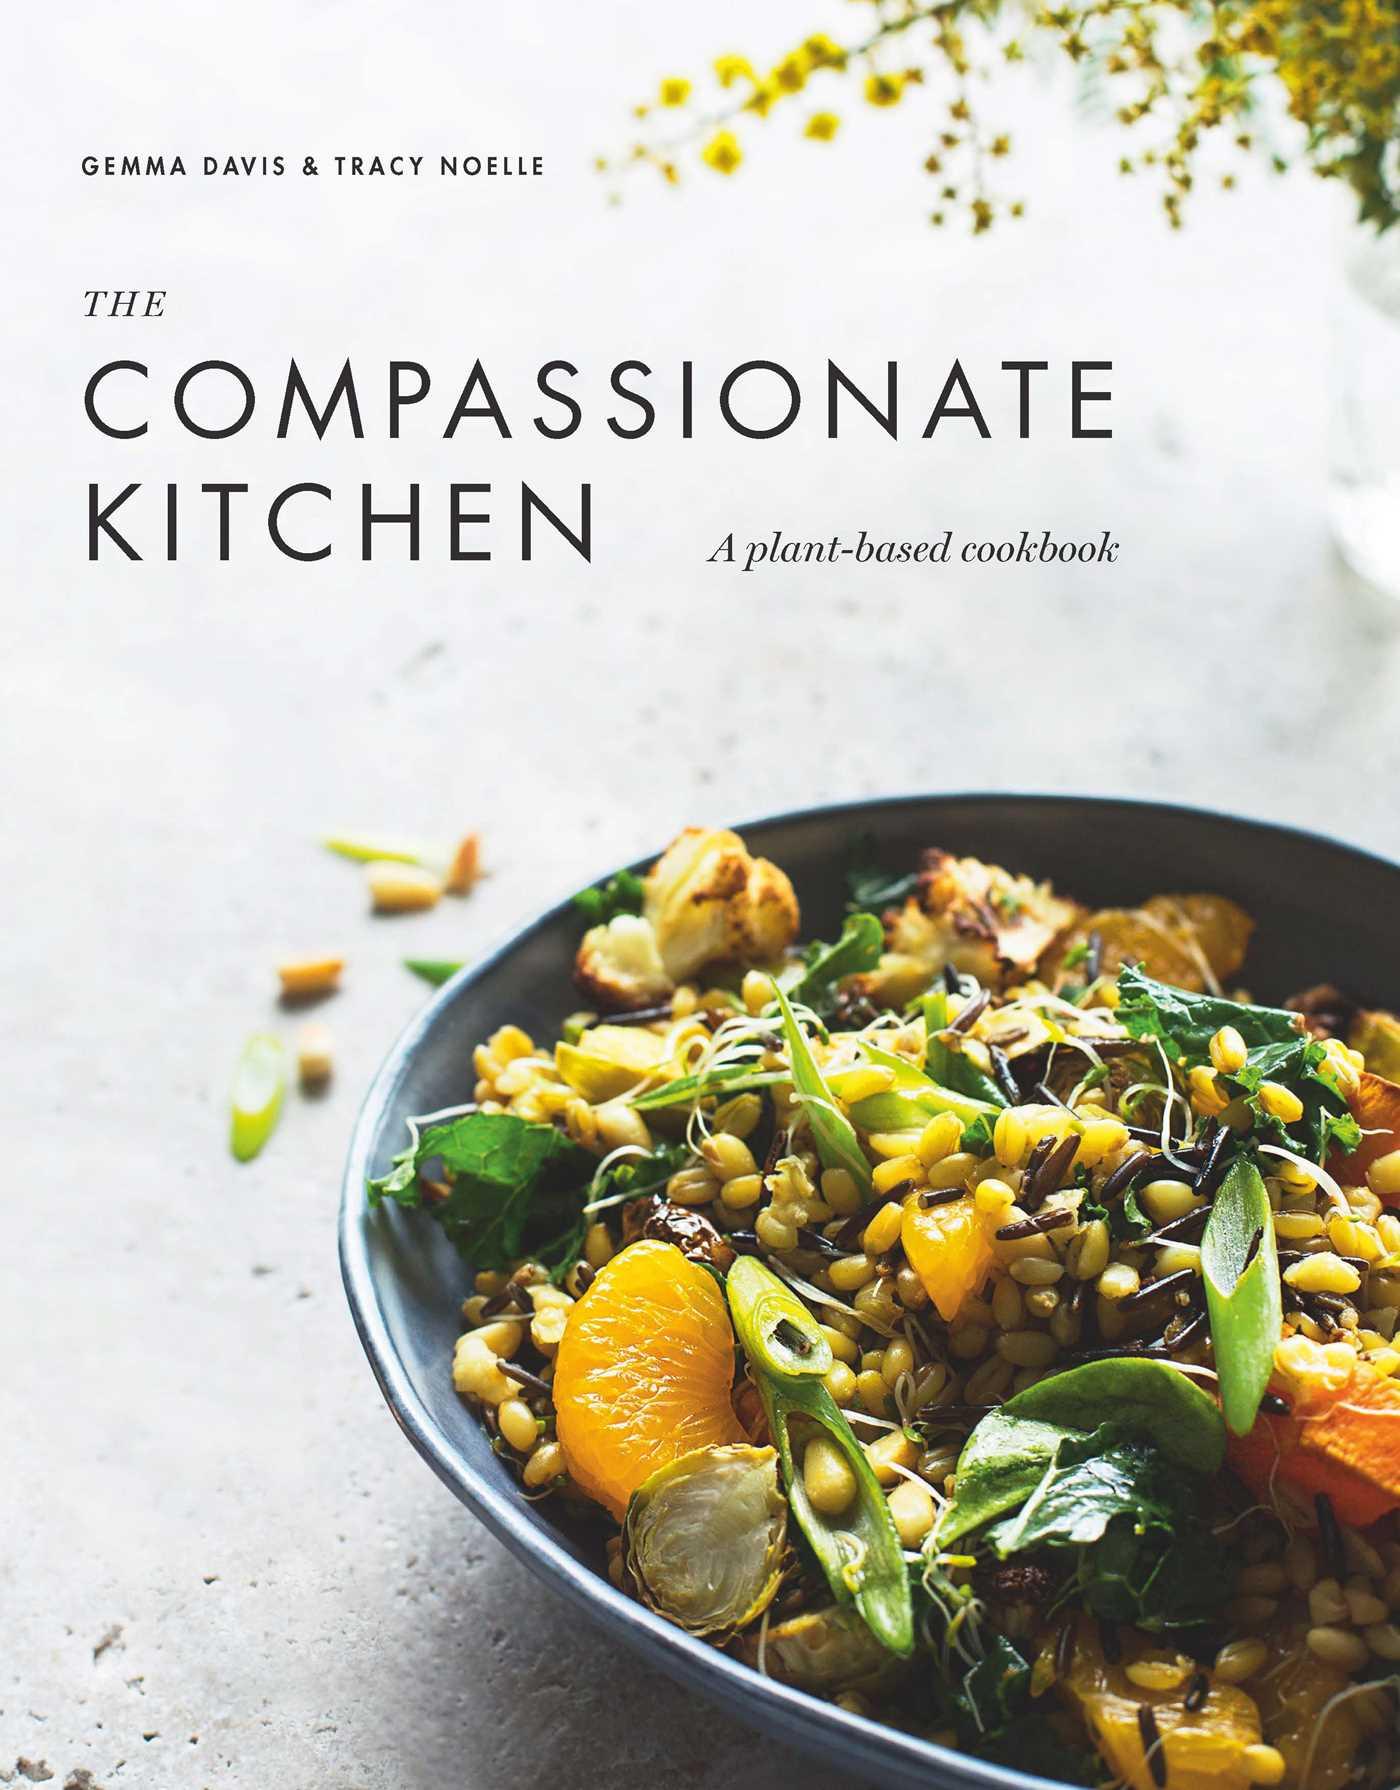 The compassionate kitchen 9781925791303 hr